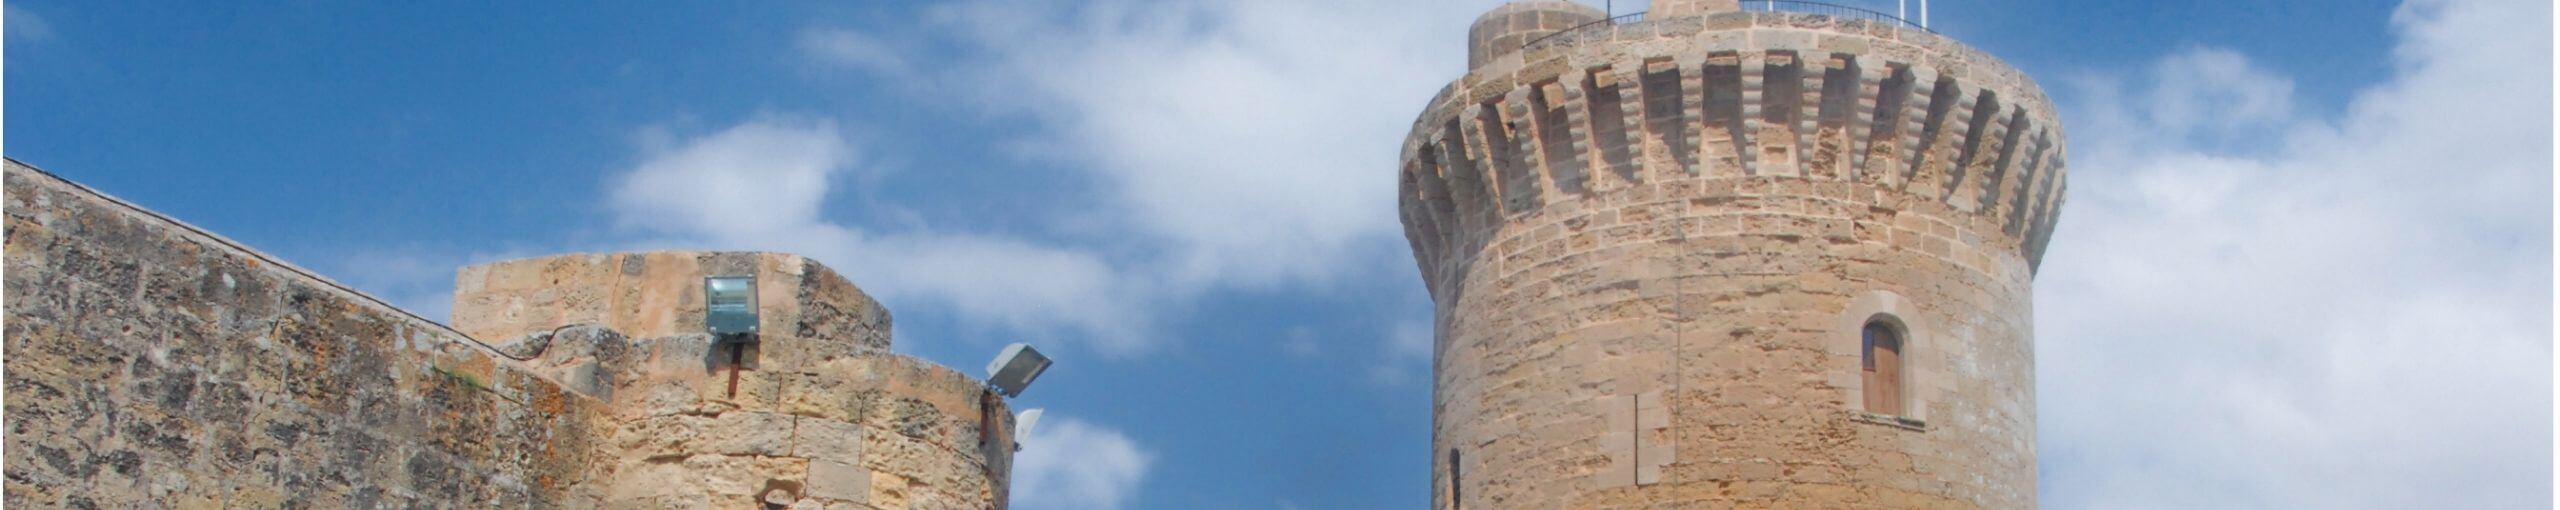 Castillo de Bellver. Isla de Palma de Mallorca. Islas Baleares.